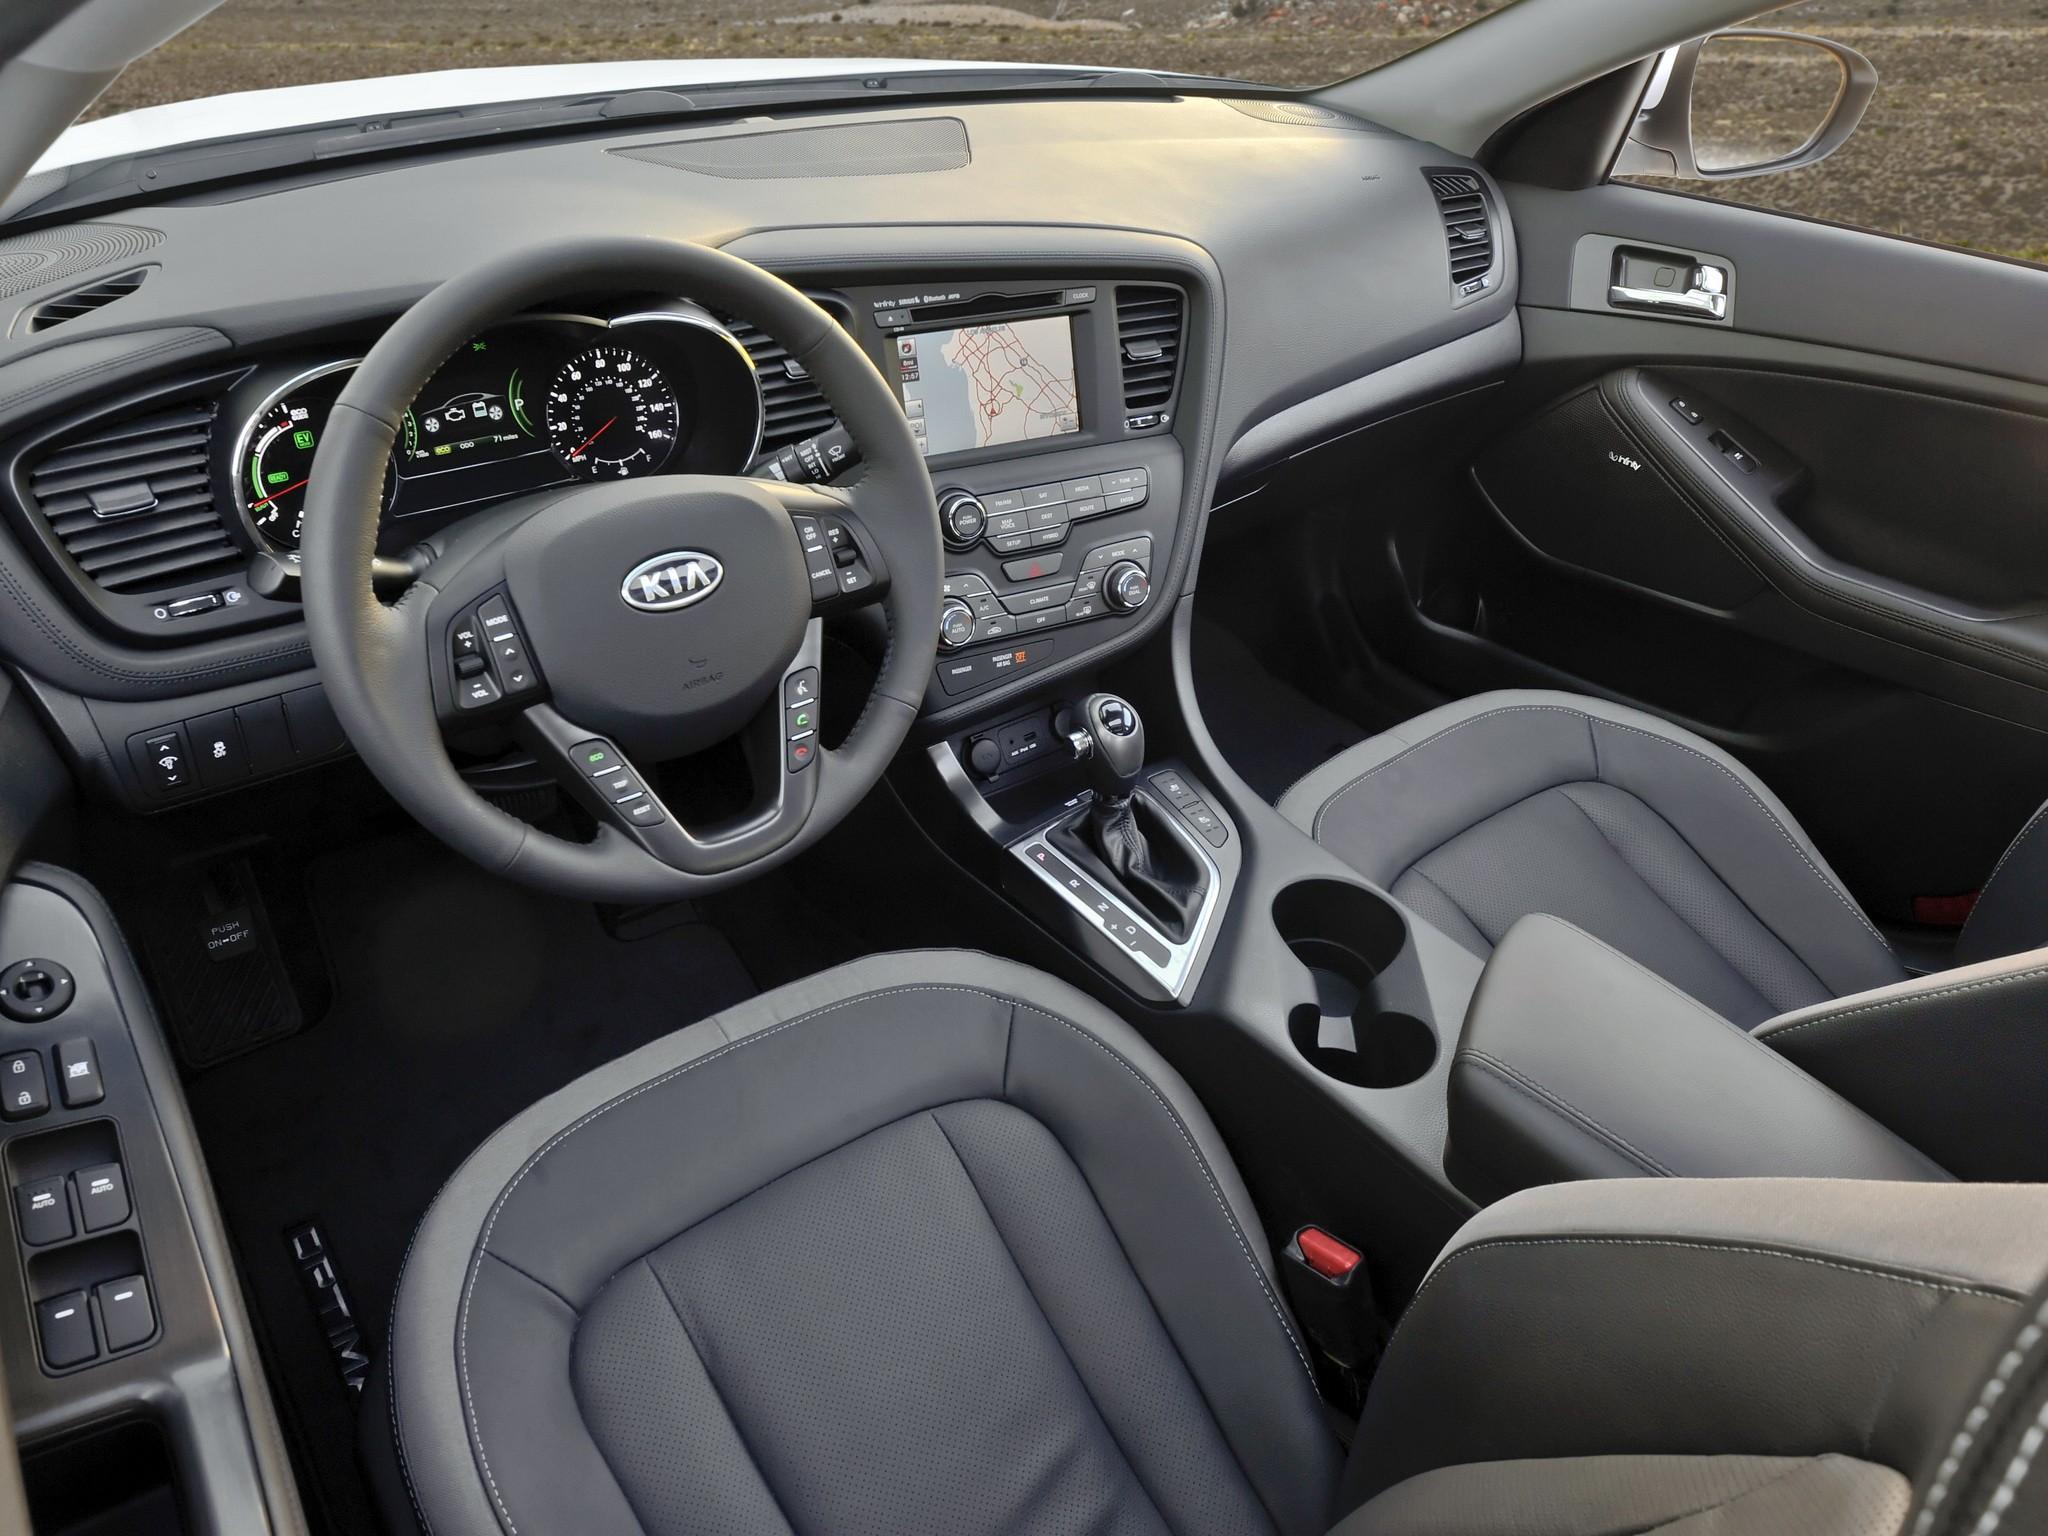 ... Kia Optima Sedan 4 Doors 2014 Model Interior  ...